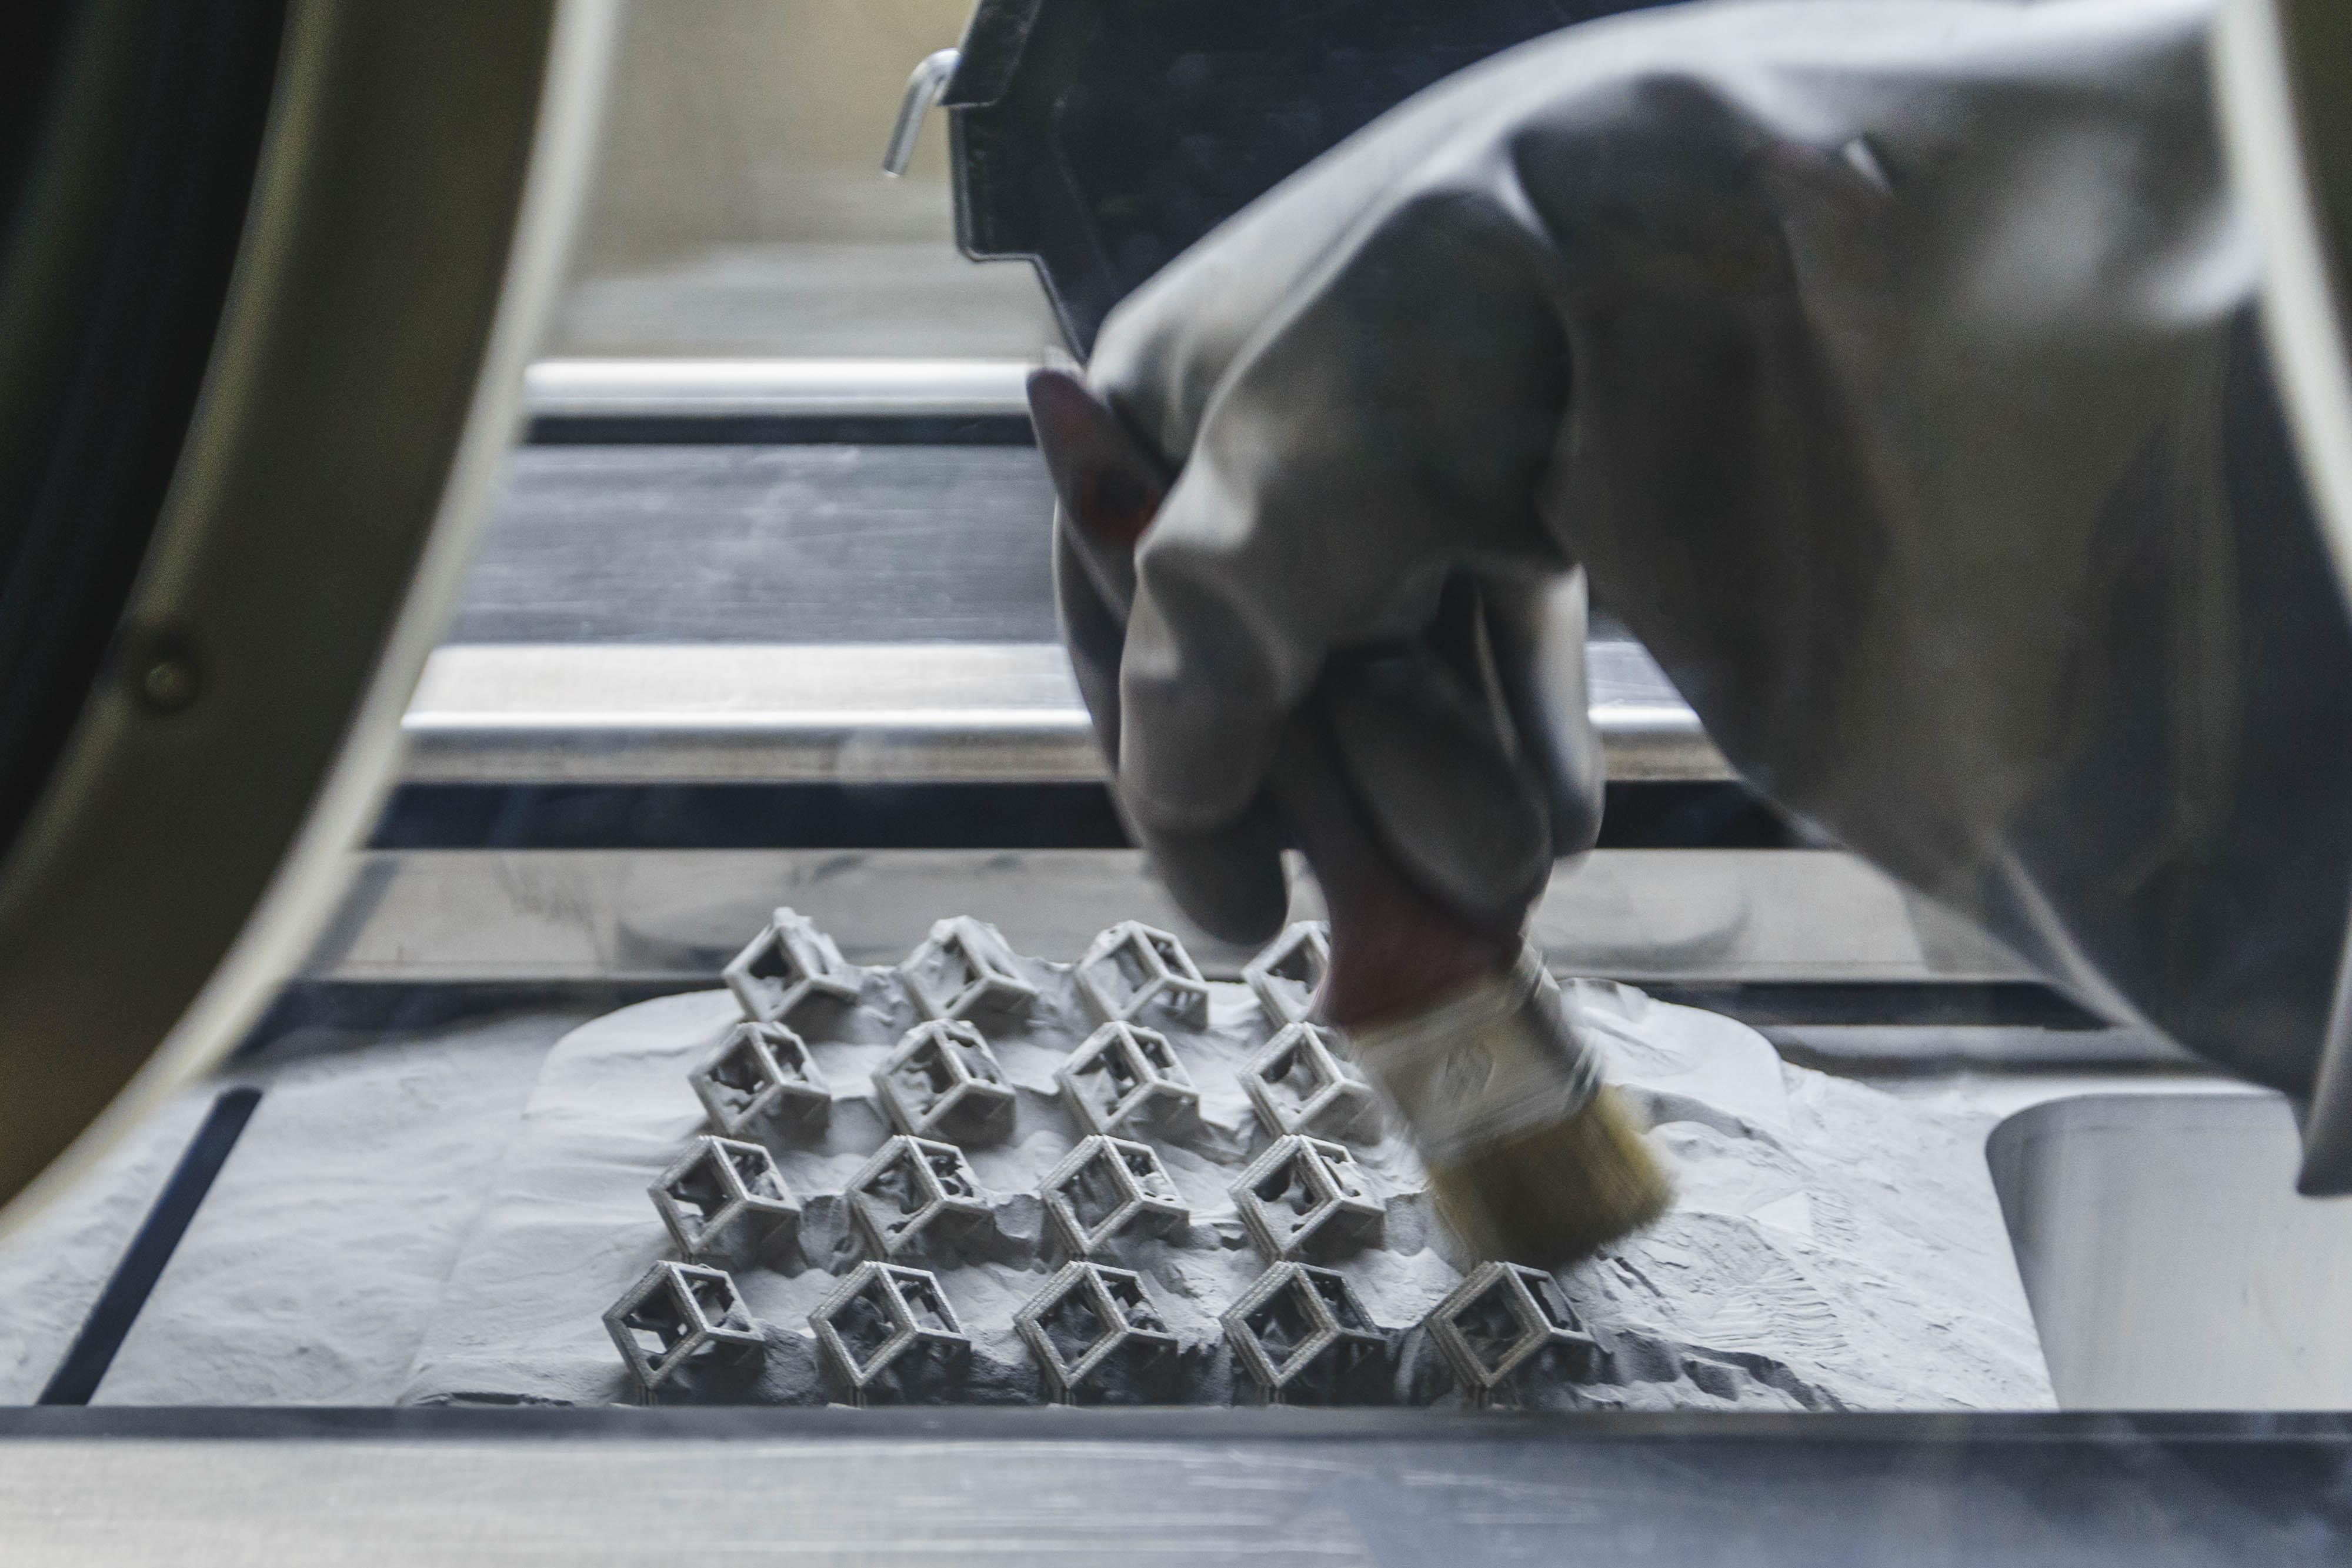 پودرزدایی پرینتر سه بعدی فلز